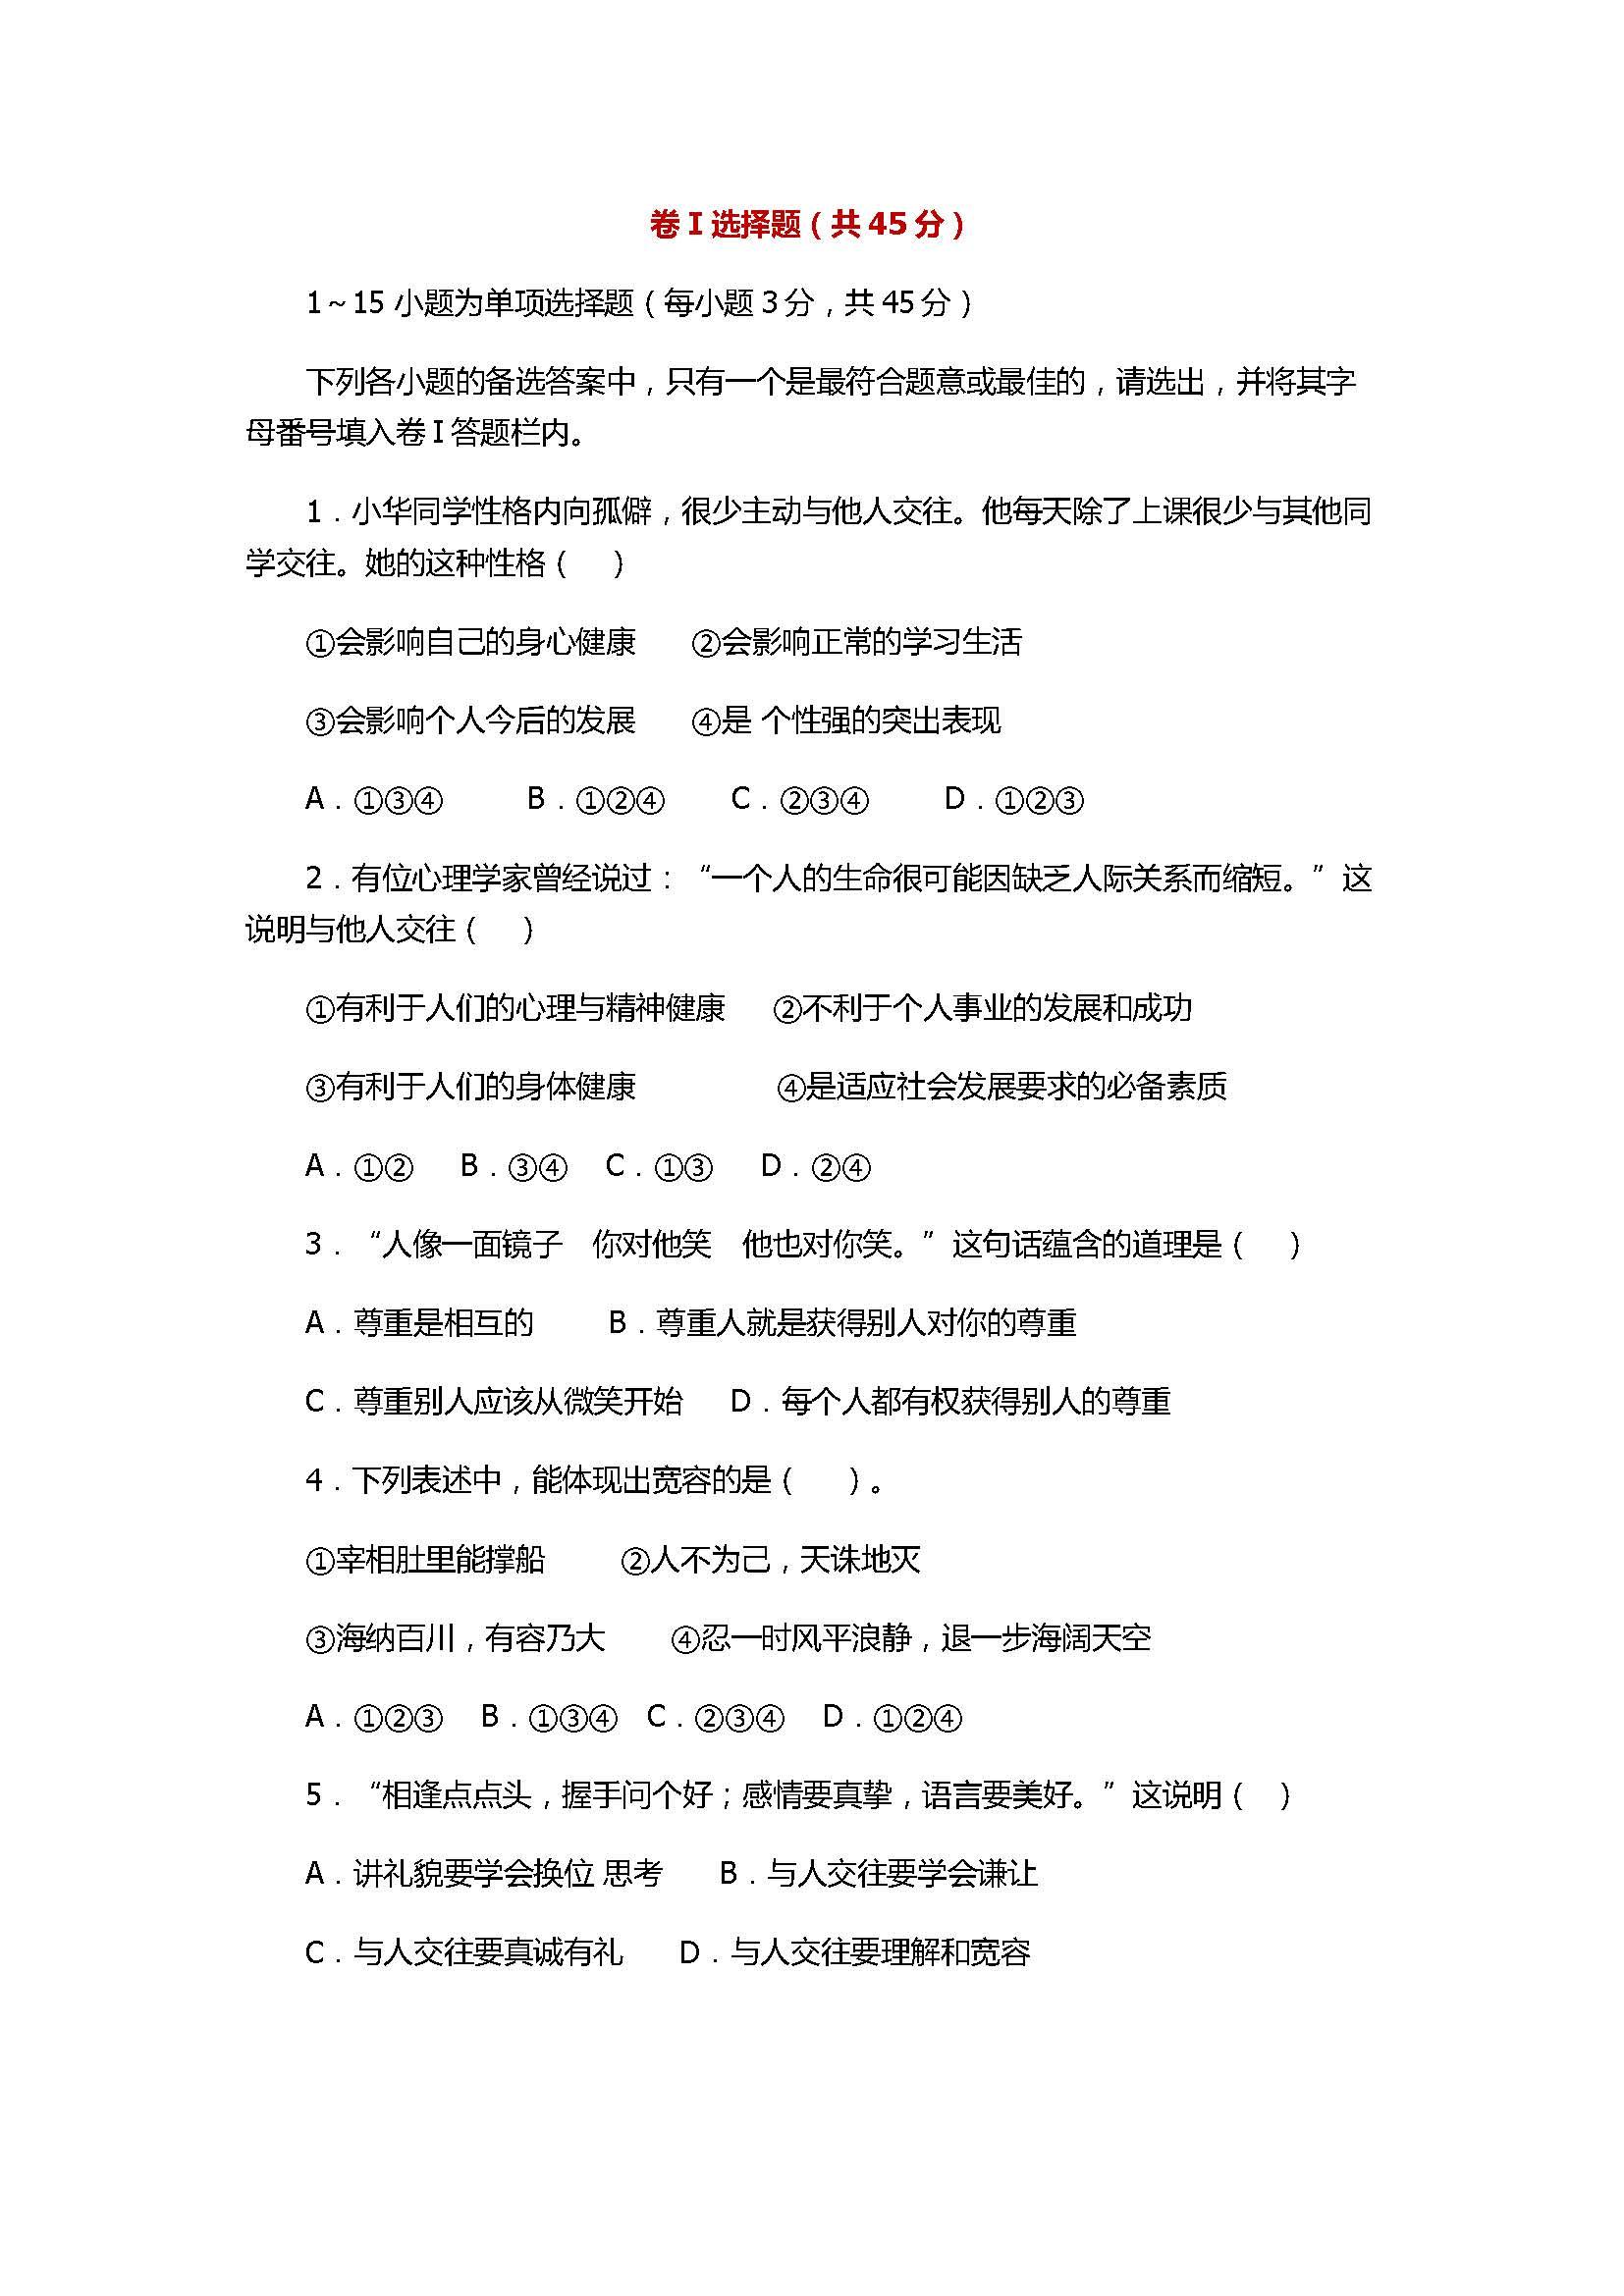 2017七年级道德与法制期中试卷带参考答案(岳池县)